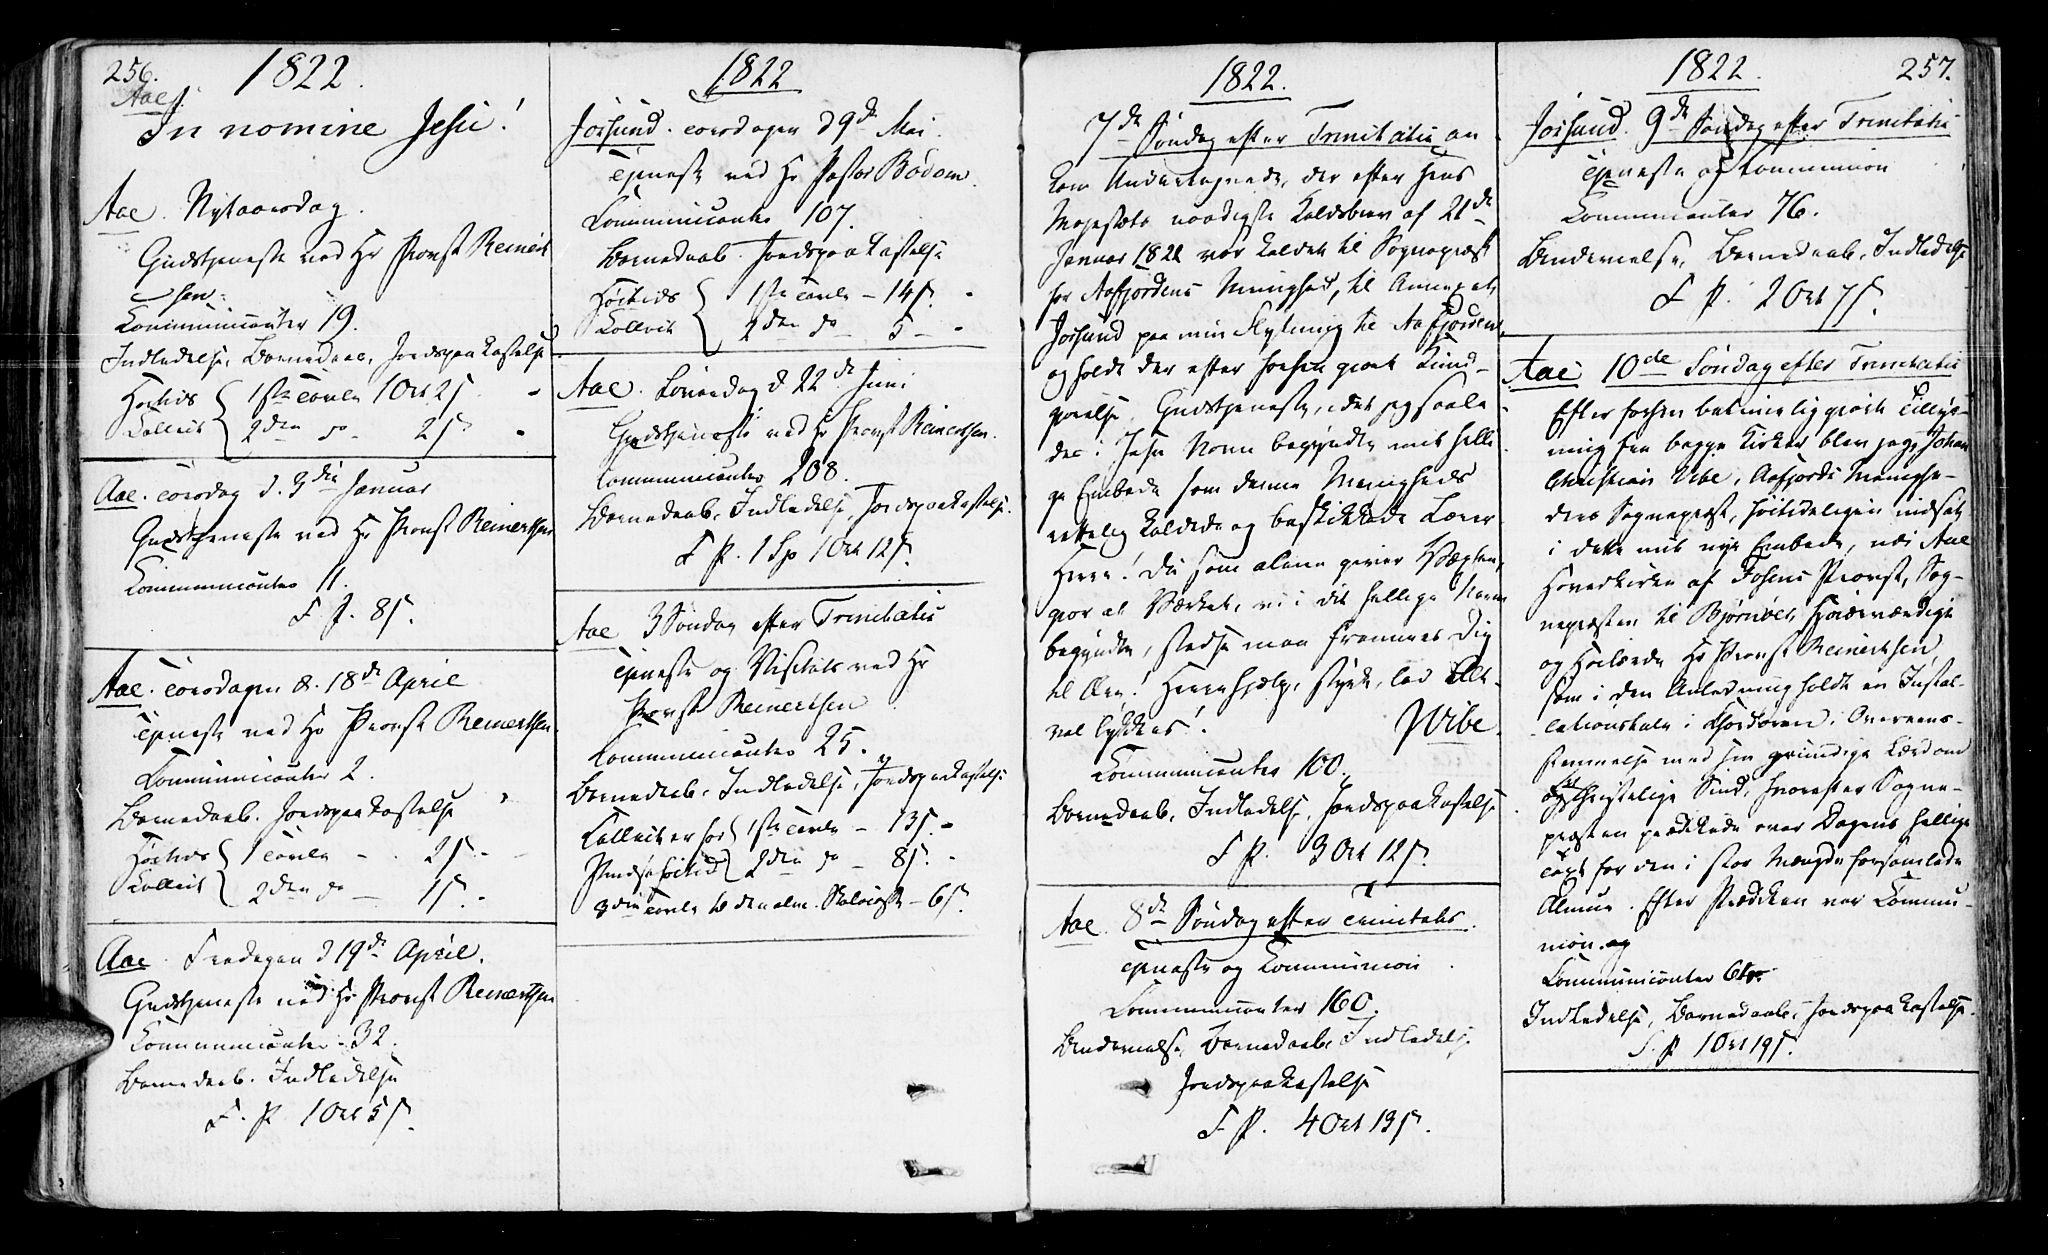 SAT, Ministerialprotokoller, klokkerbøker og fødselsregistre - Sør-Trøndelag, 655/L0674: Ministerialbok nr. 655A03, 1802-1826, s. 256-257